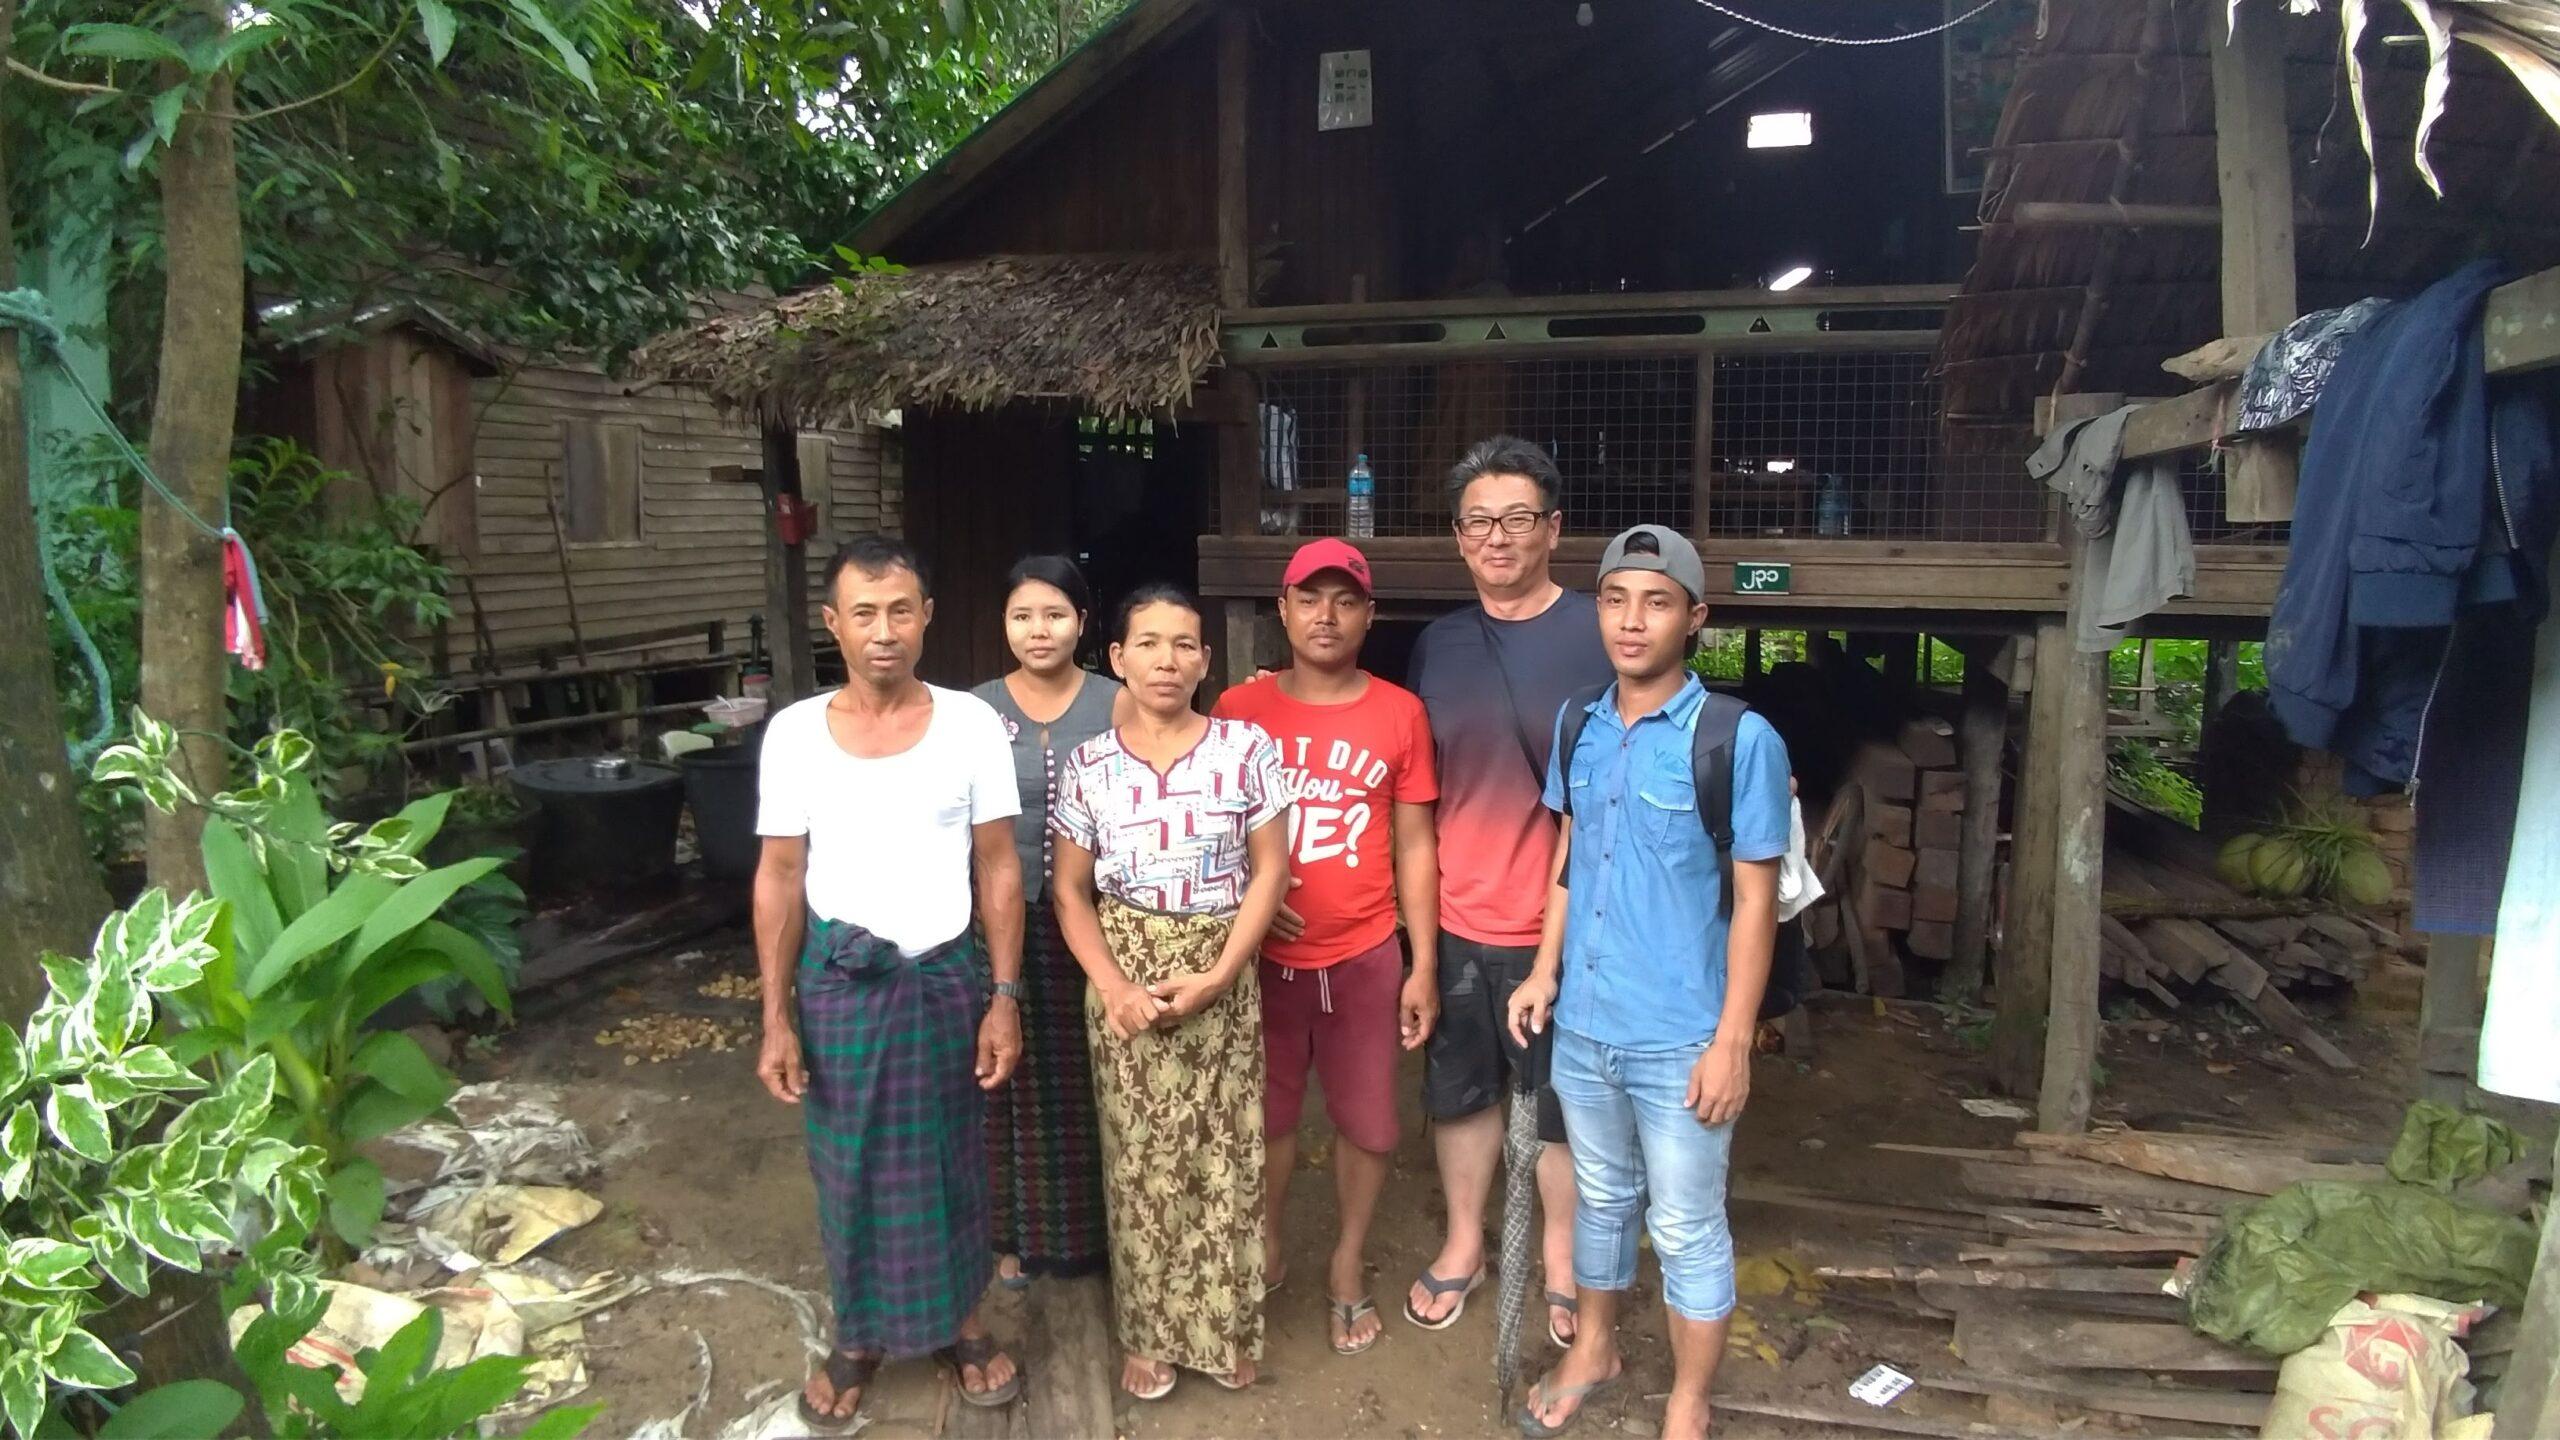 はるばるパテインまで。小舟にも乗って実習生の田舎の村へ家庭訪問